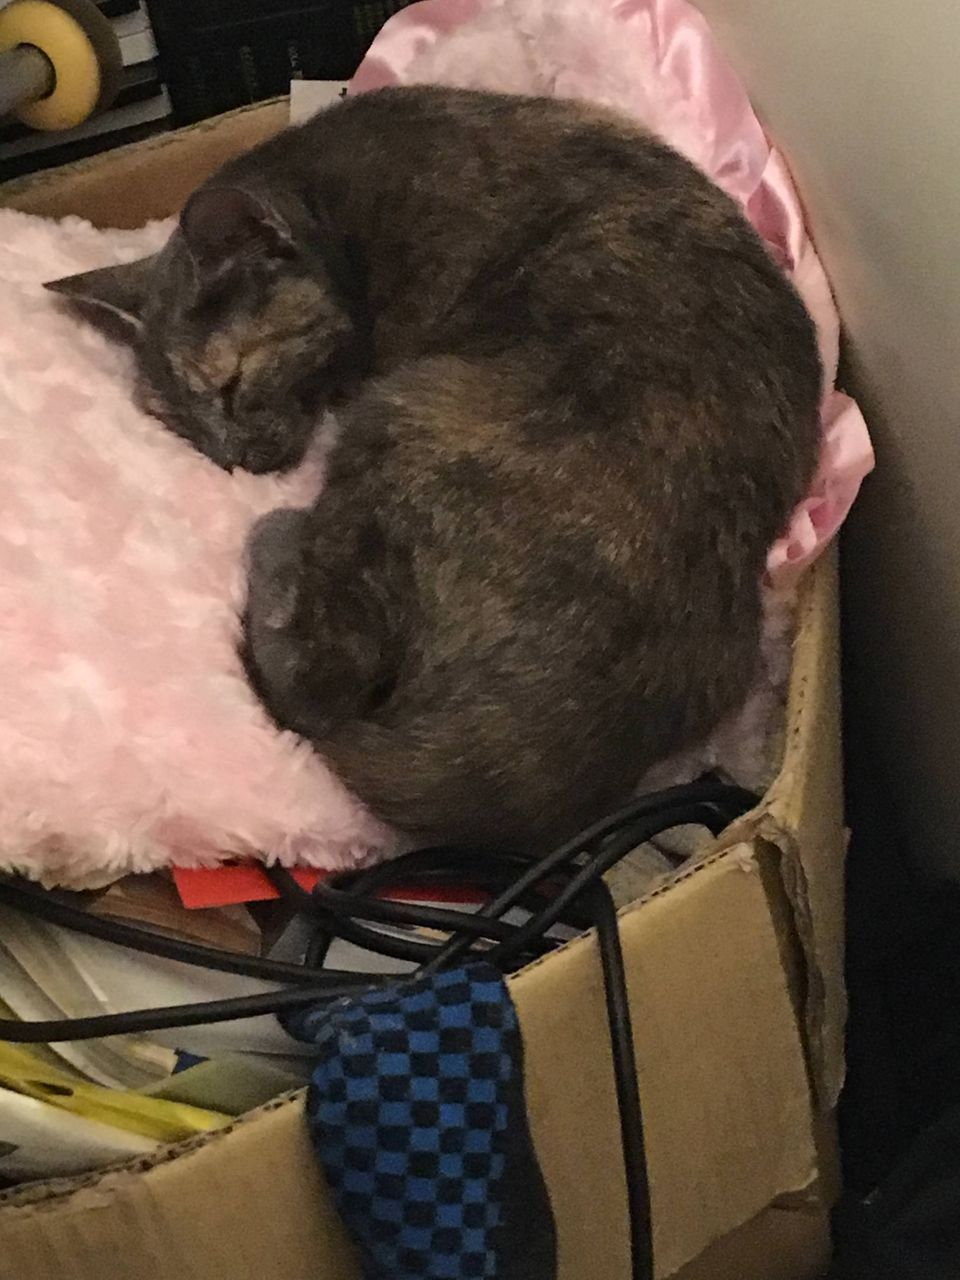 猫がワイの汚い部屋で寝てる画像貼ってく